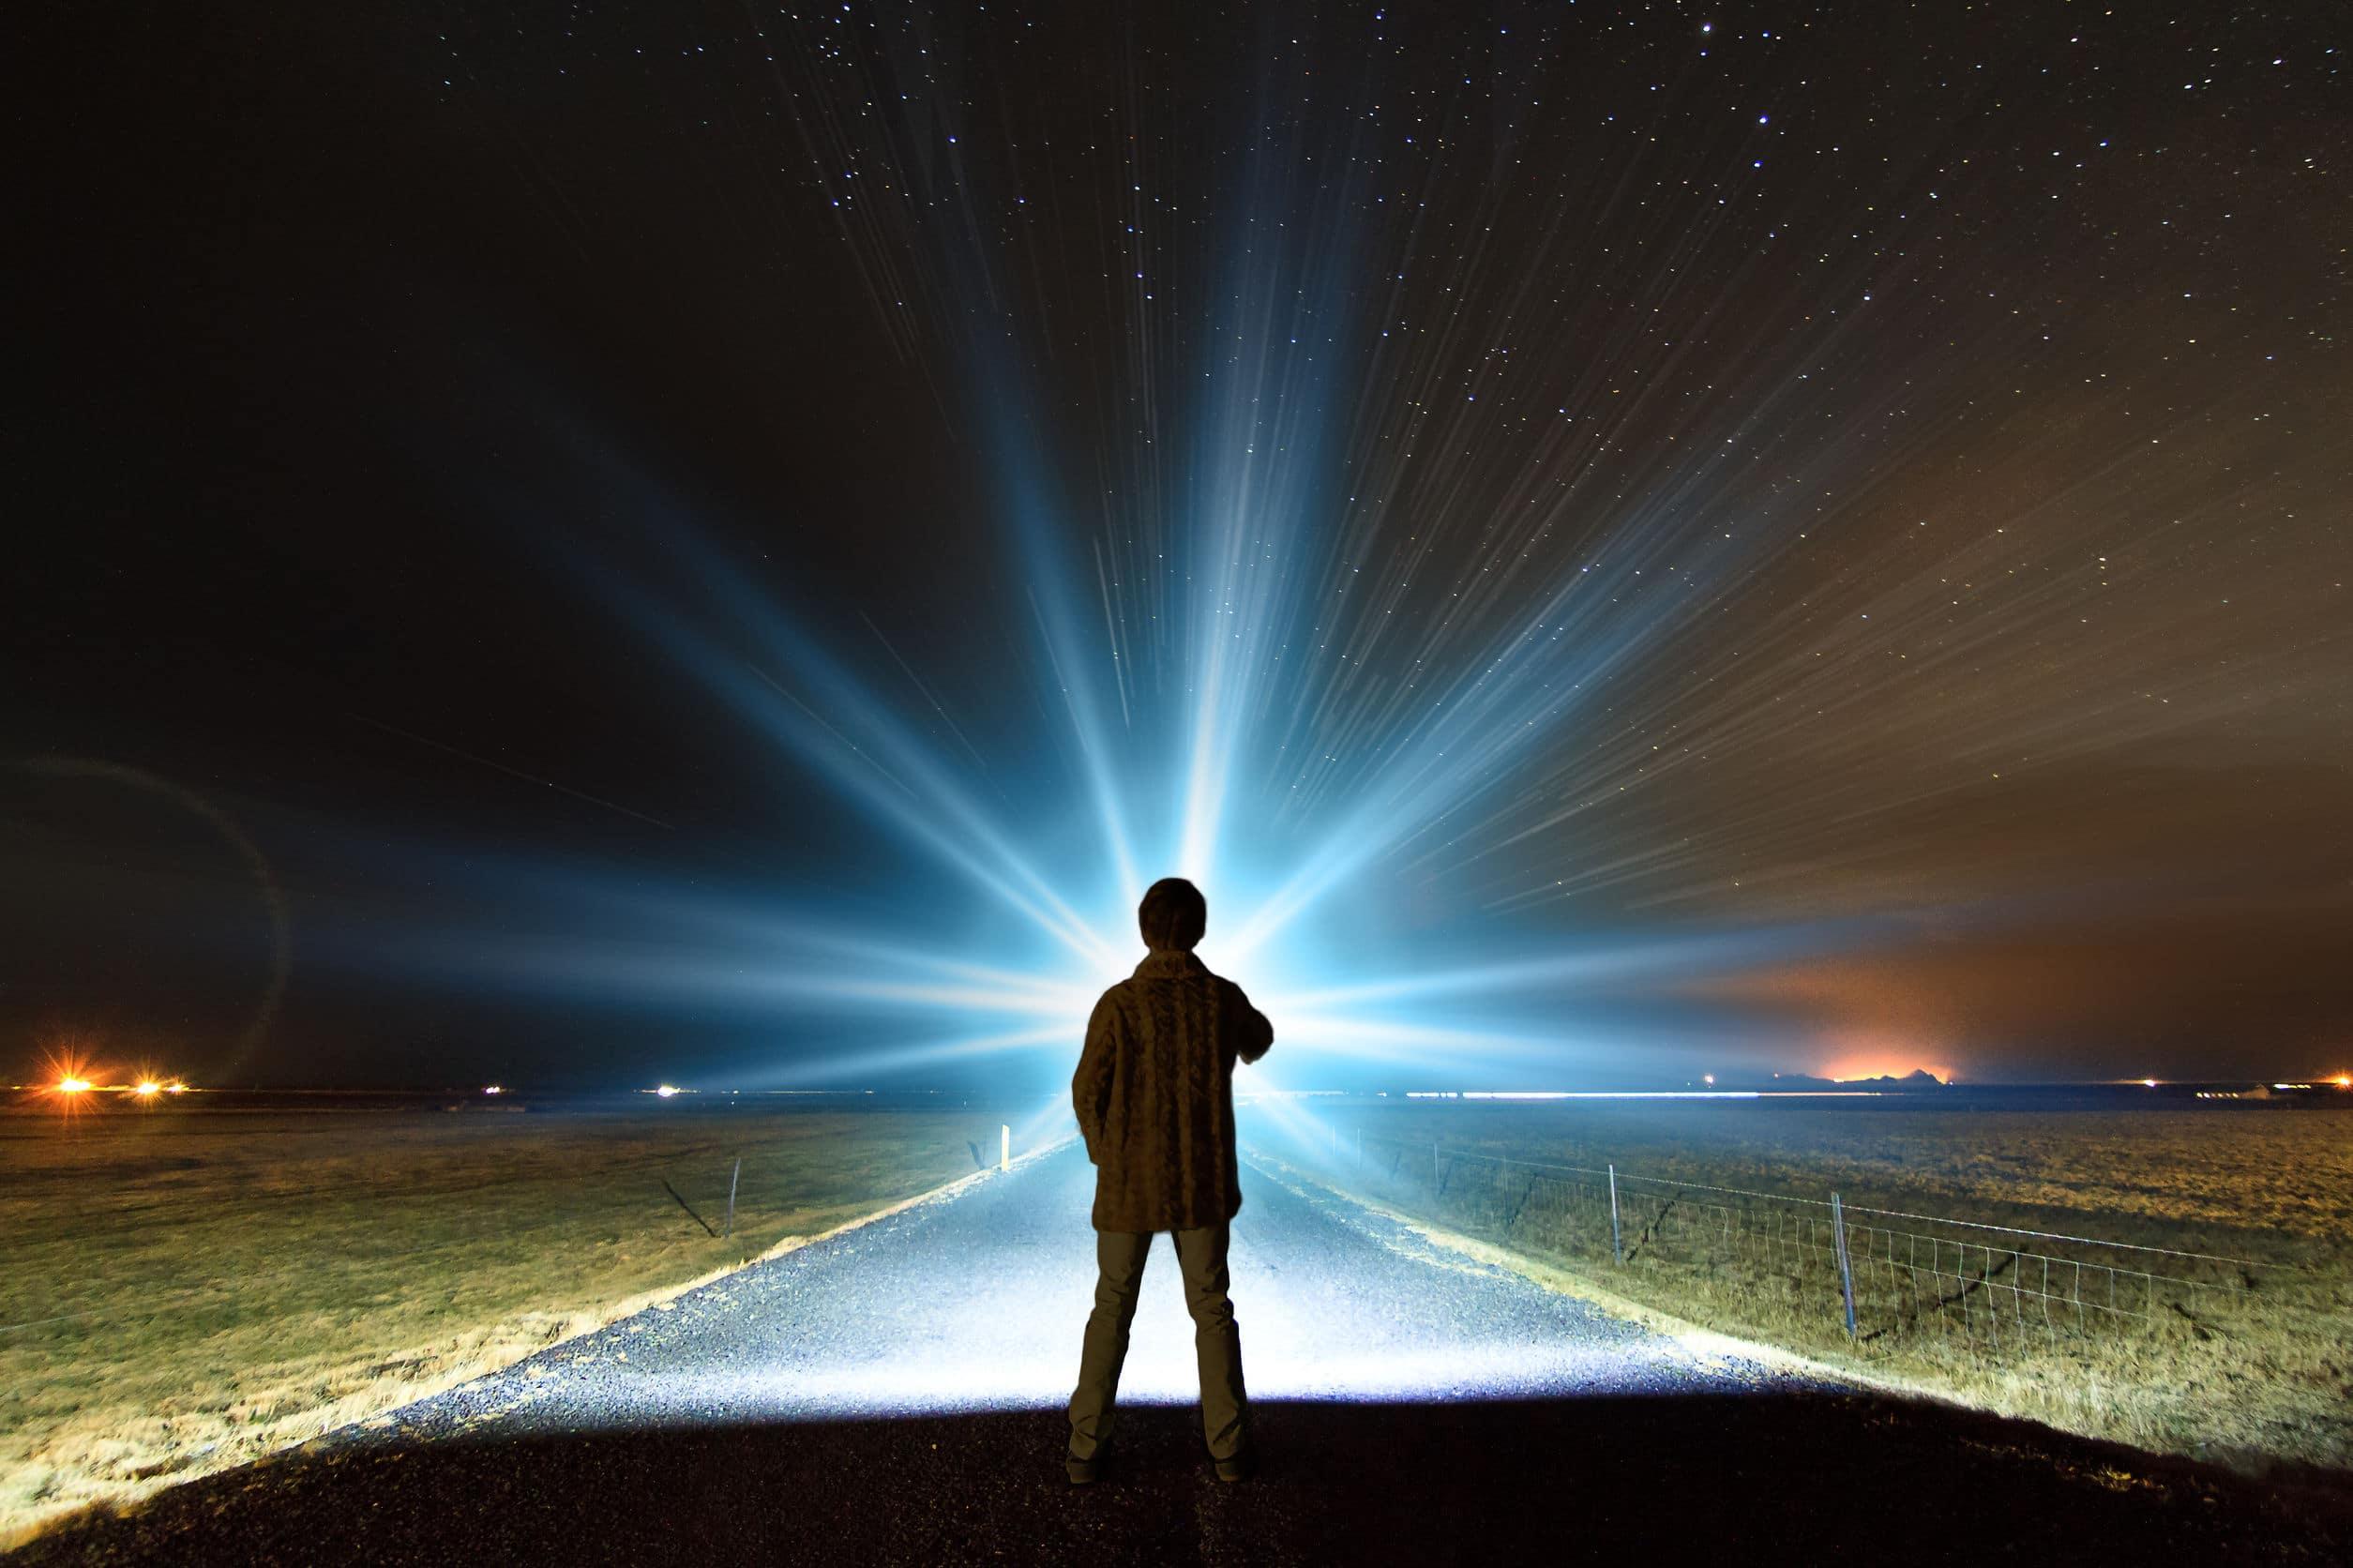 Silhueta de um menino na estrada enquanto a luz aparece ao fundo.